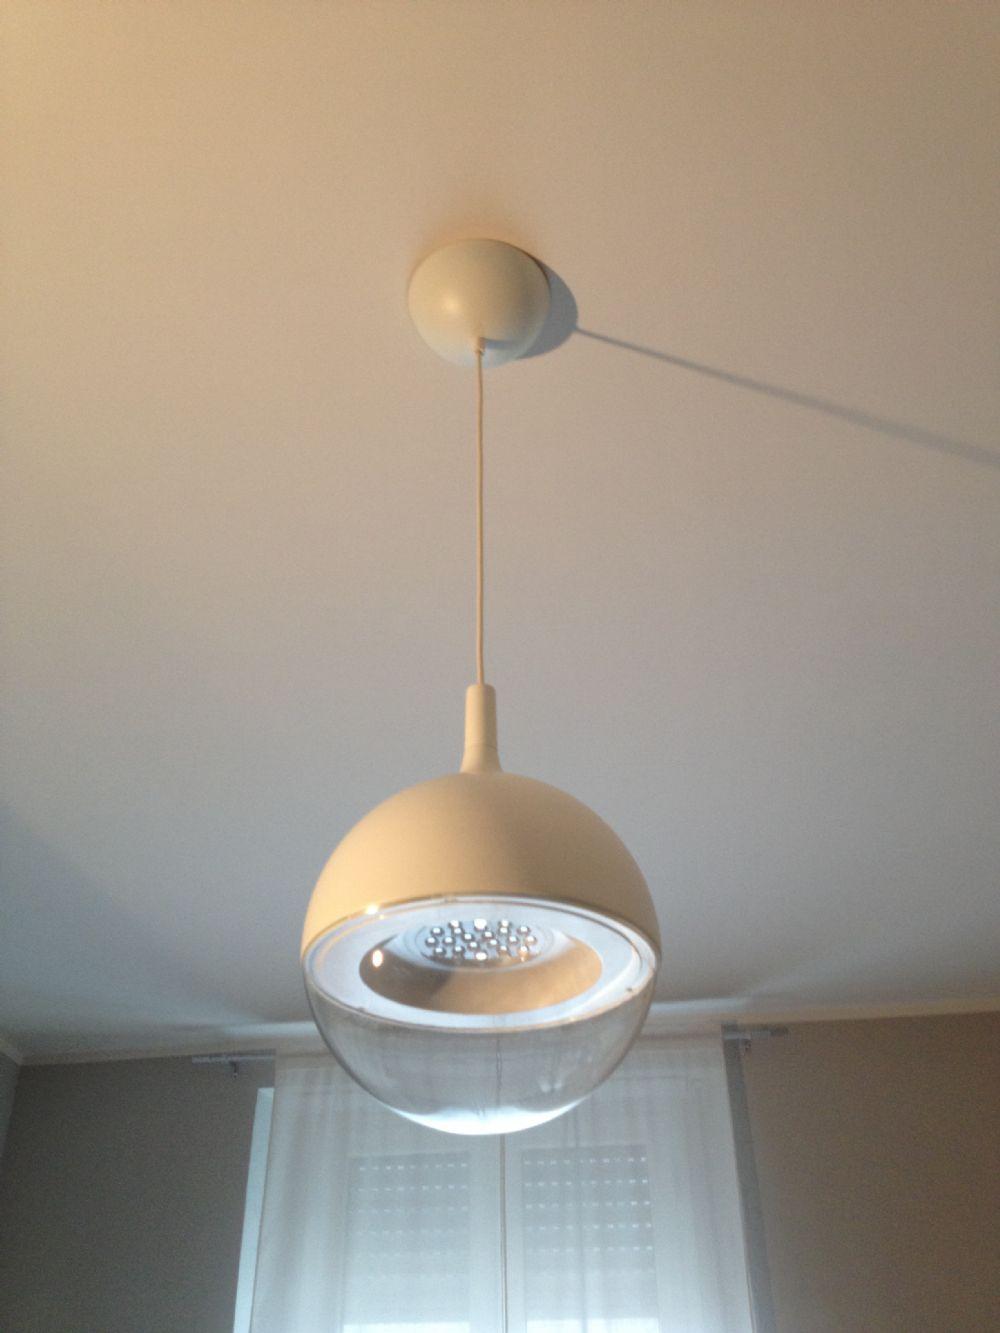 Baratto Scambio Lampada Led Ikea Arredamento Complementi D Arredo A Torino To Coseinutili It